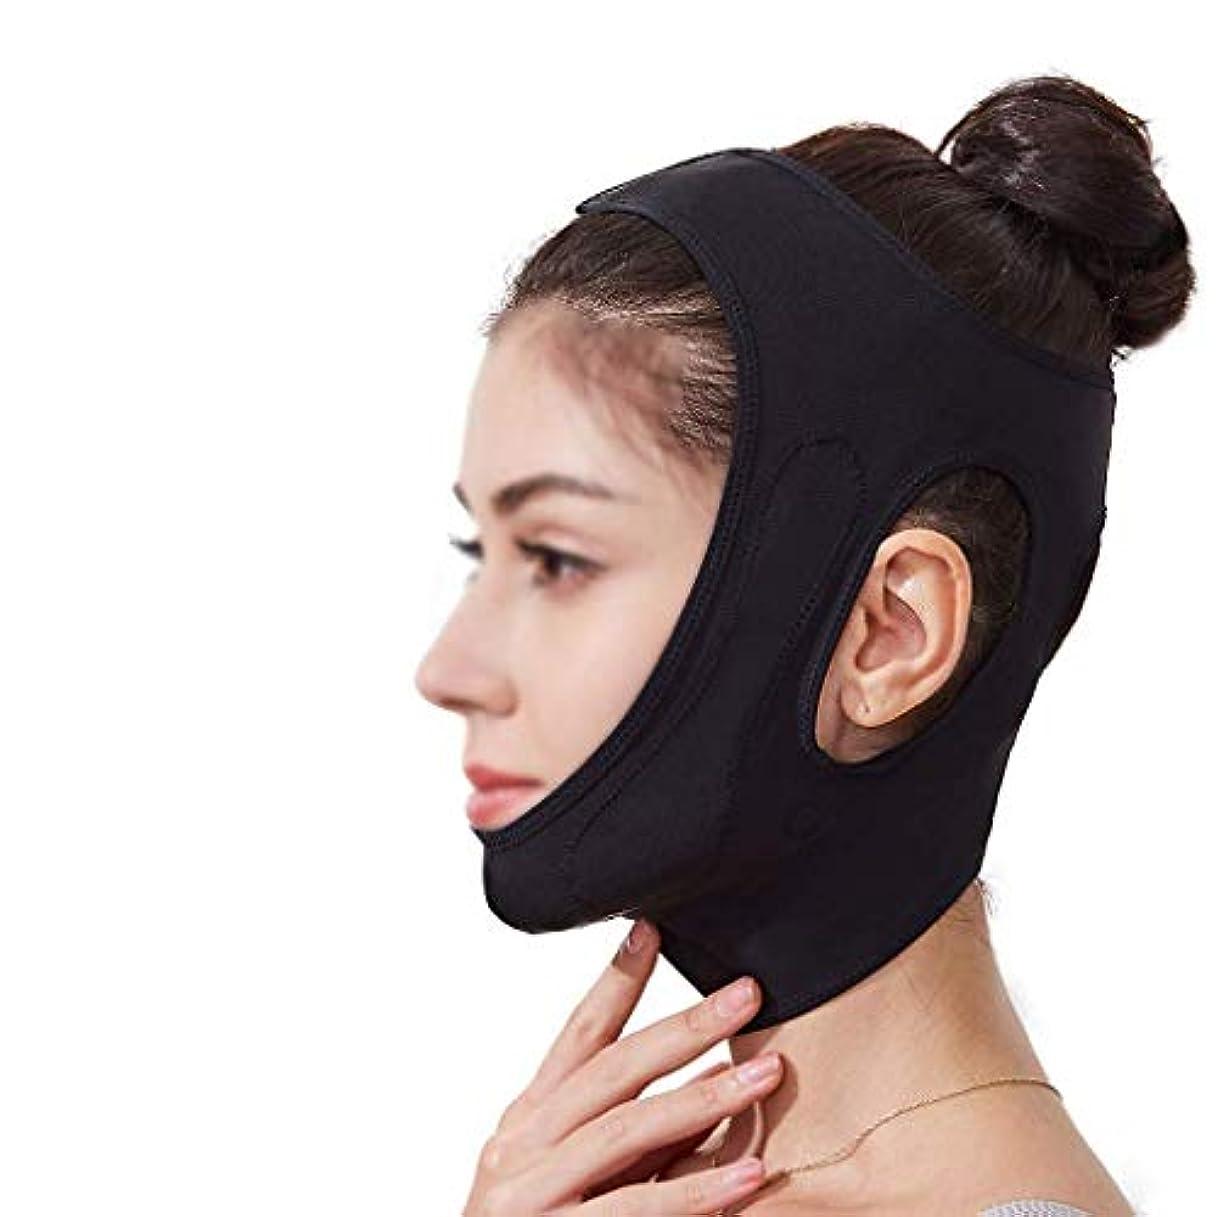 強制マイクロフォン主流フェイスリフティングバンデージ、顔の頬V字型リフティングフェイスマスクしわの軽減ダブルチン快適な包帯で小さなVフェイスを作成(色:黒)